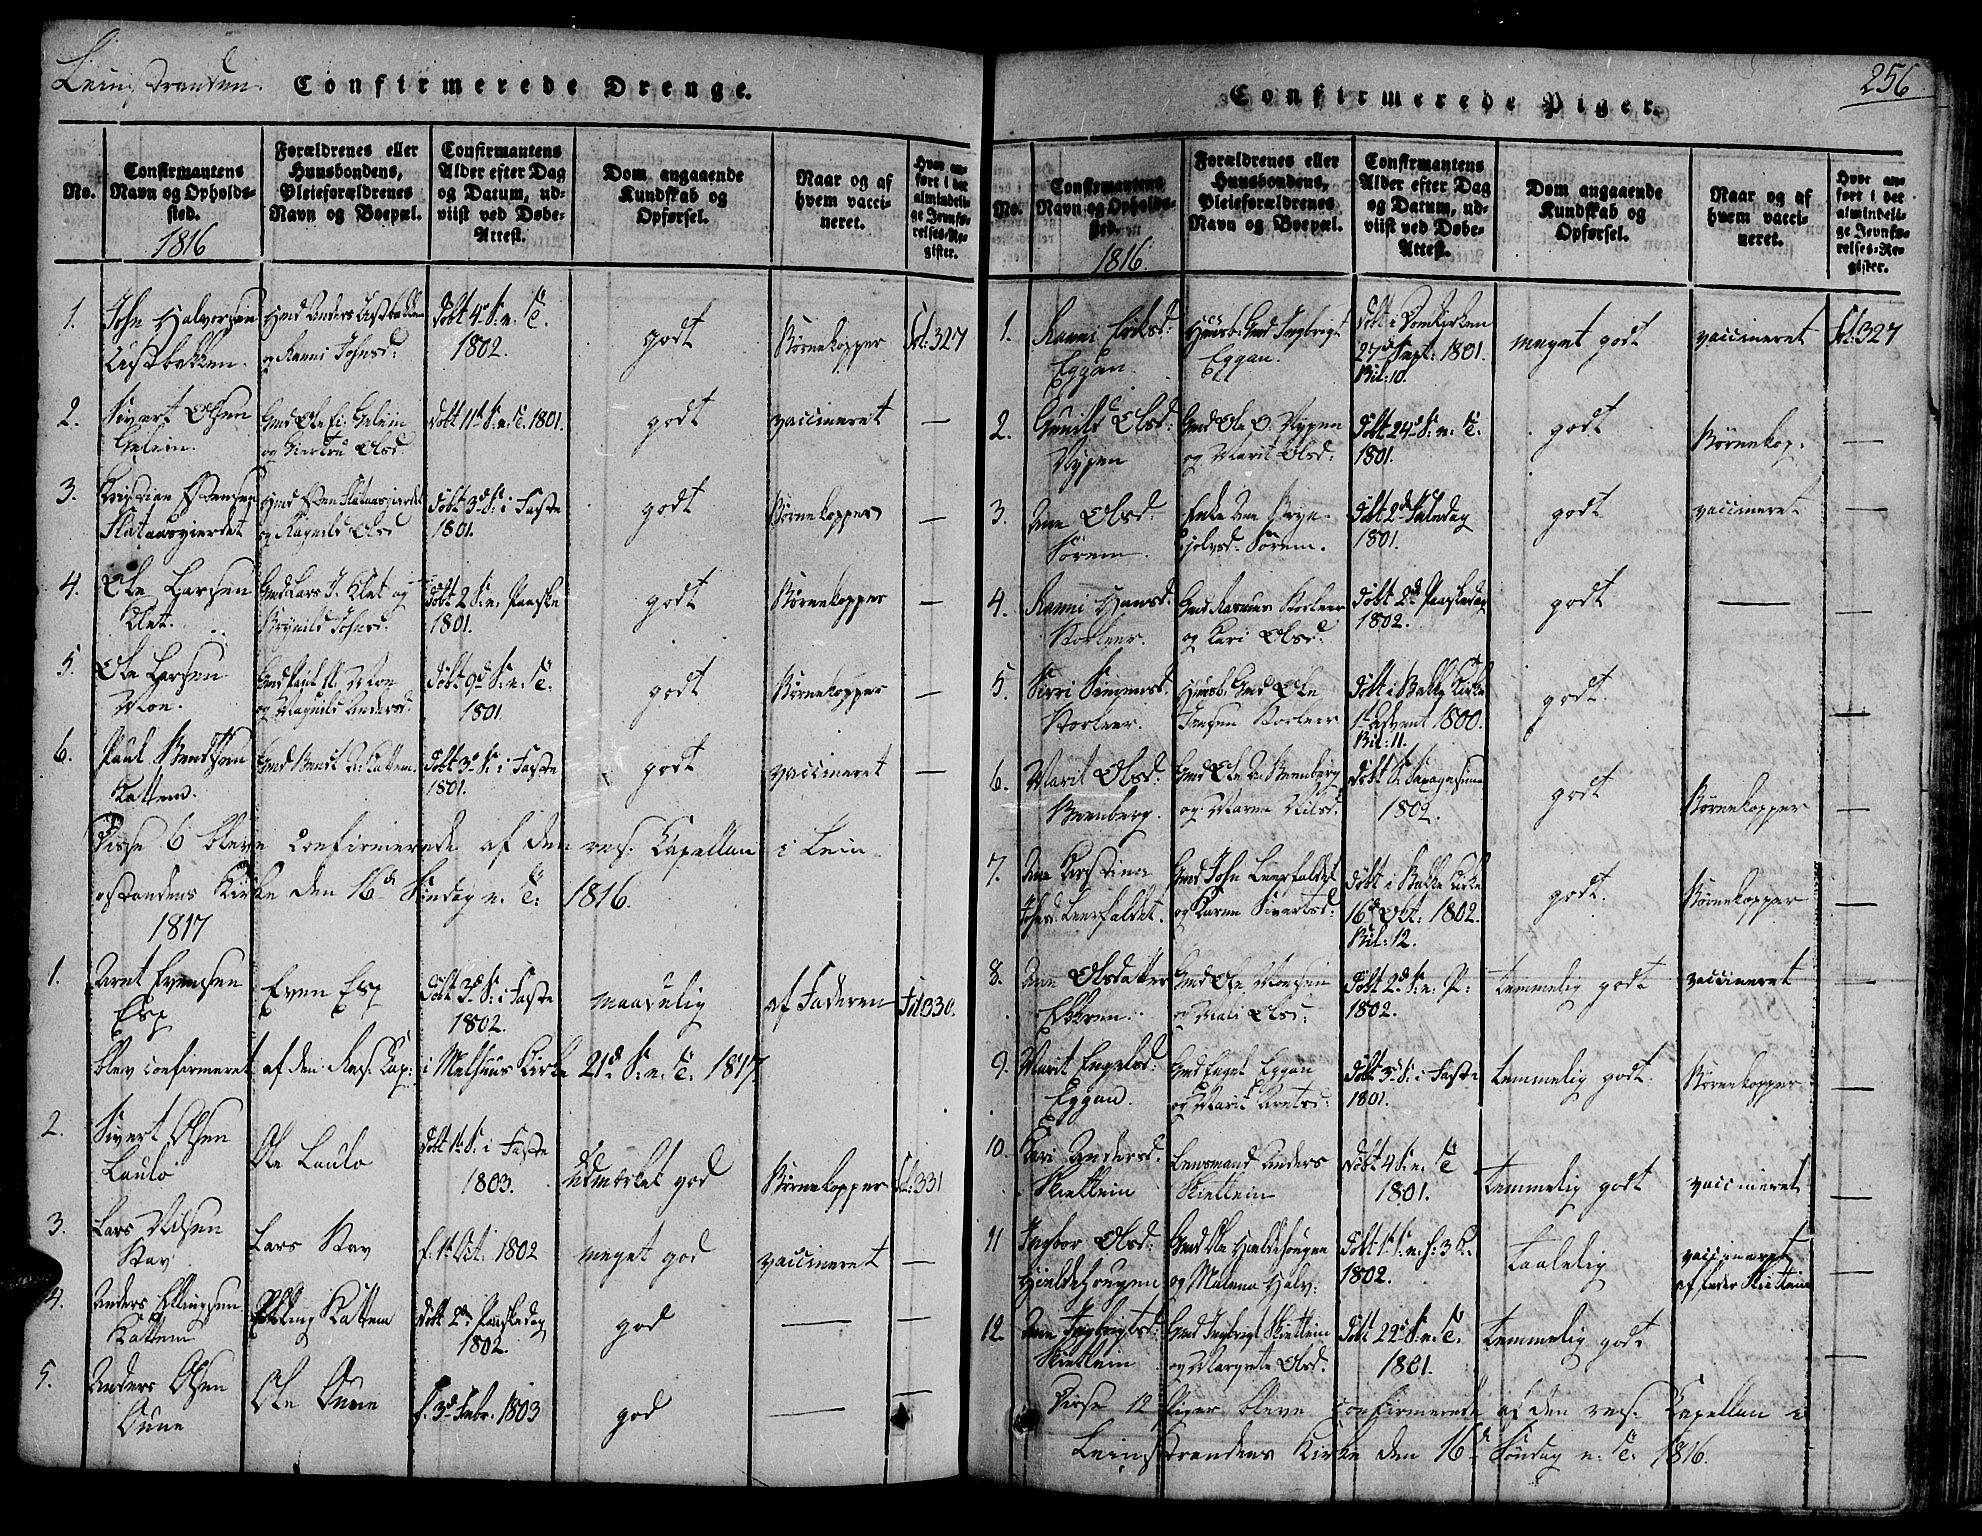 SAT, Ministerialprotokoller, klokkerbøker og fødselsregistre - Sør-Trøndelag, 691/L1067: Ministerialbok nr. 691A03 /3, 1816-1826, s. 256